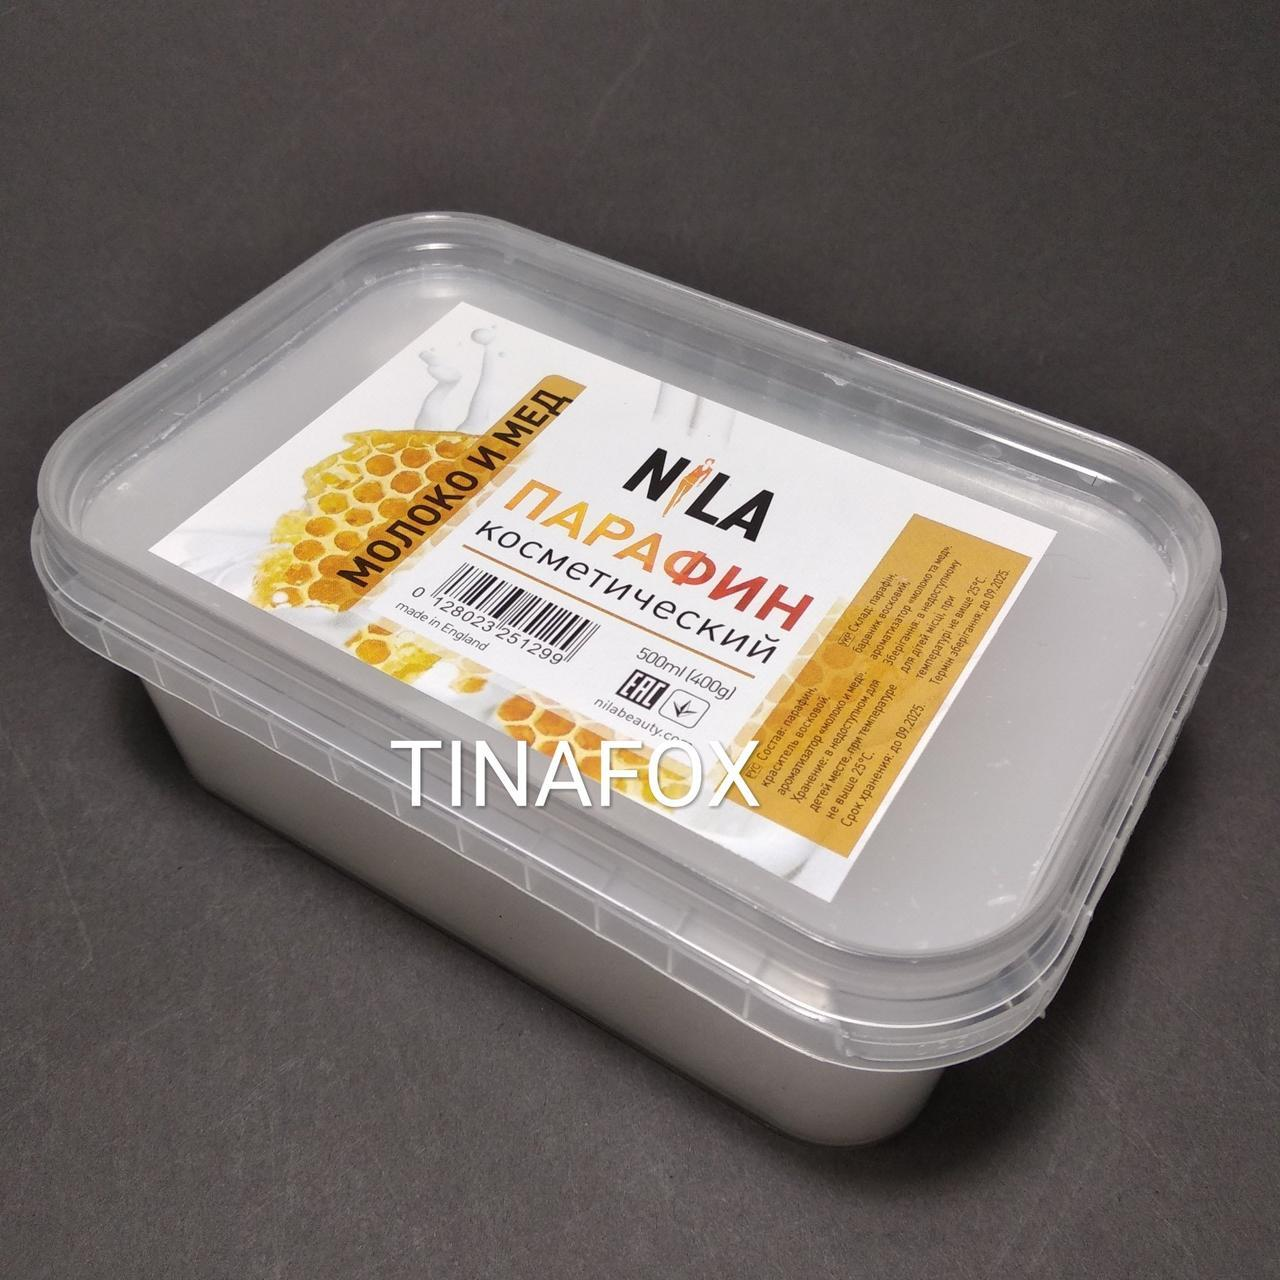 Парафин косметический для парафинотерапии Nila 500 мл, Молоко и мед